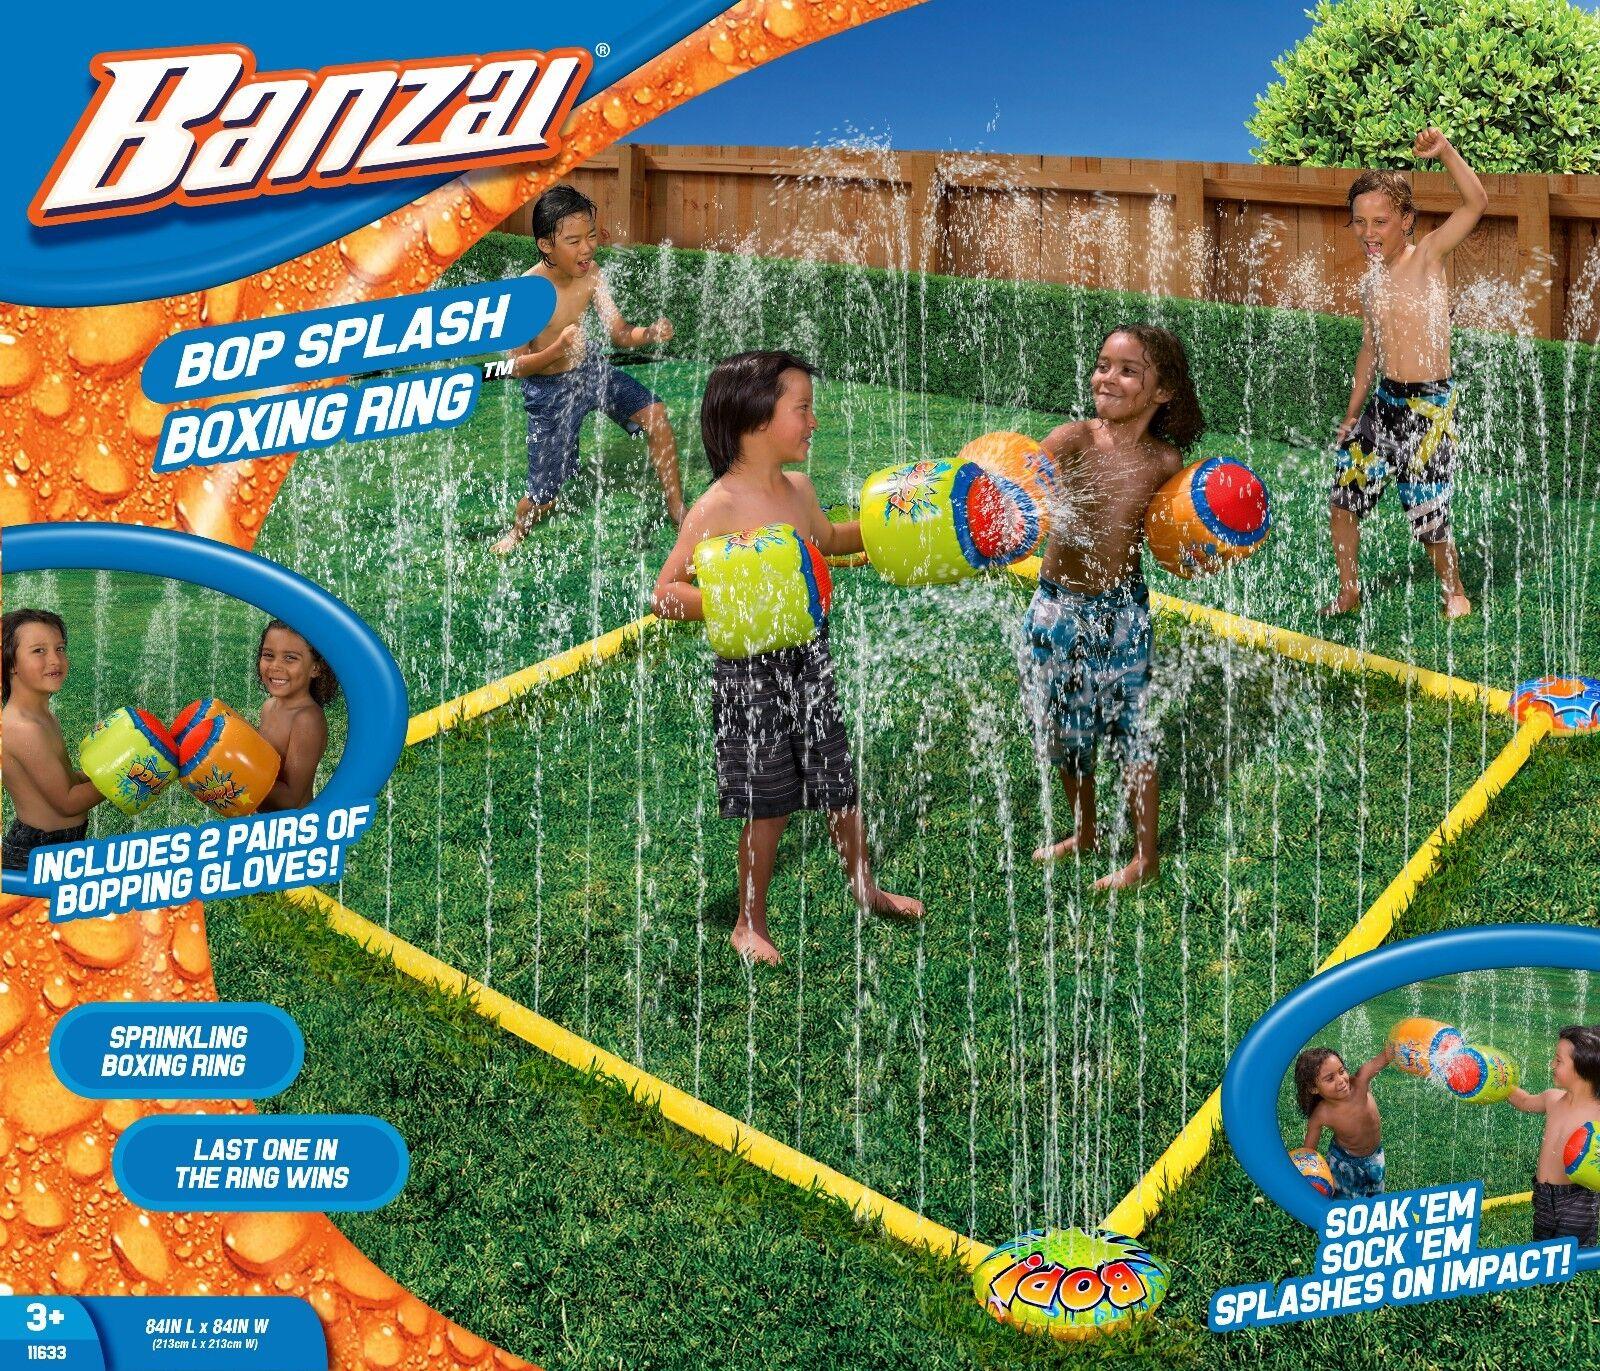 Banzai Bop Splash Water Sprinkler Boxing Ring w/ 2 Pairs Inf